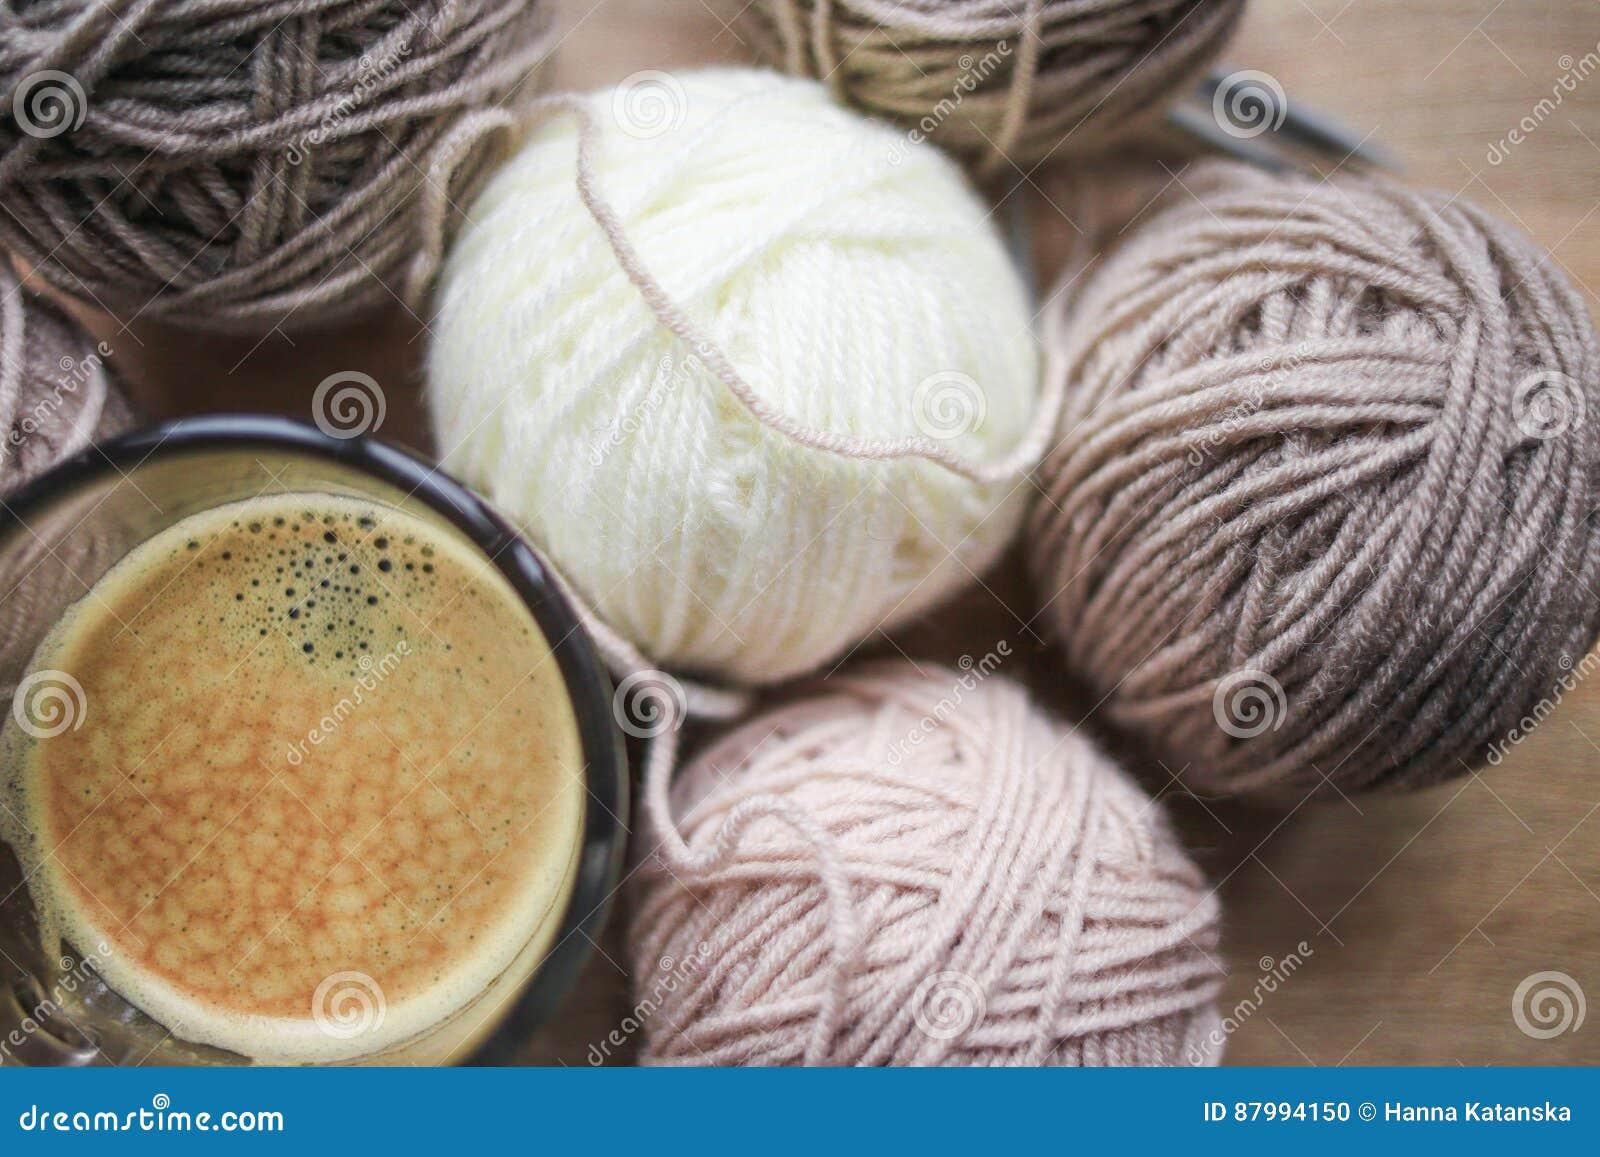 El café, el hilado de las agujas que hace punto, beige y blanco están en la tabla